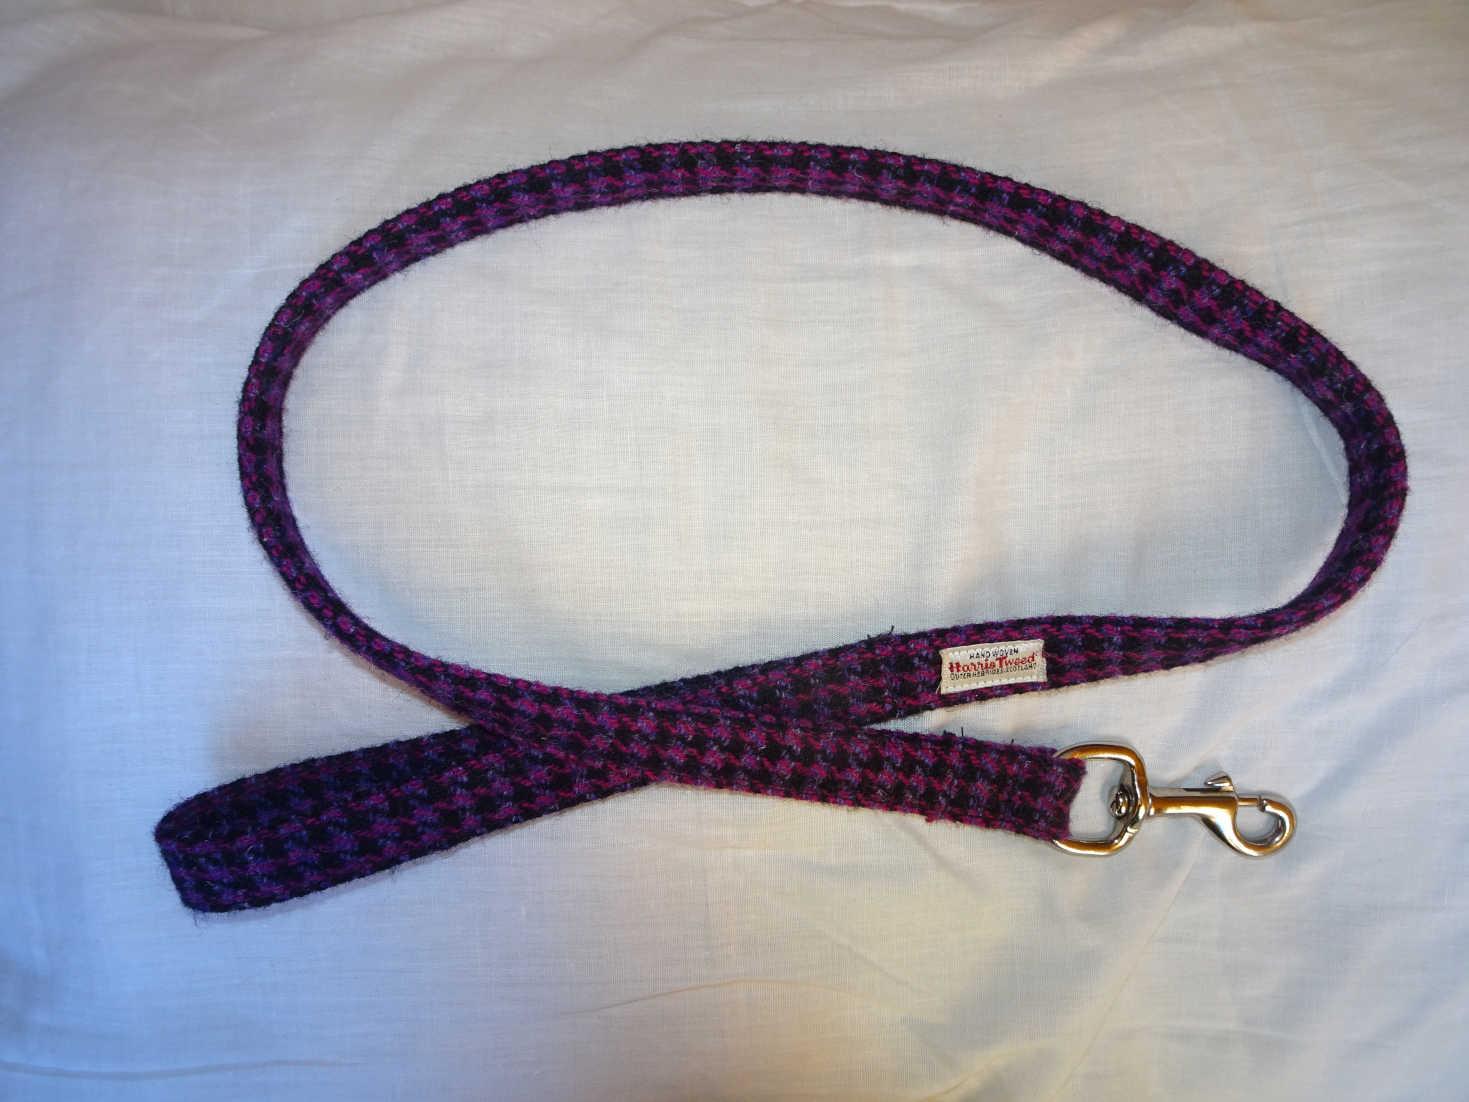 harris tweed leash